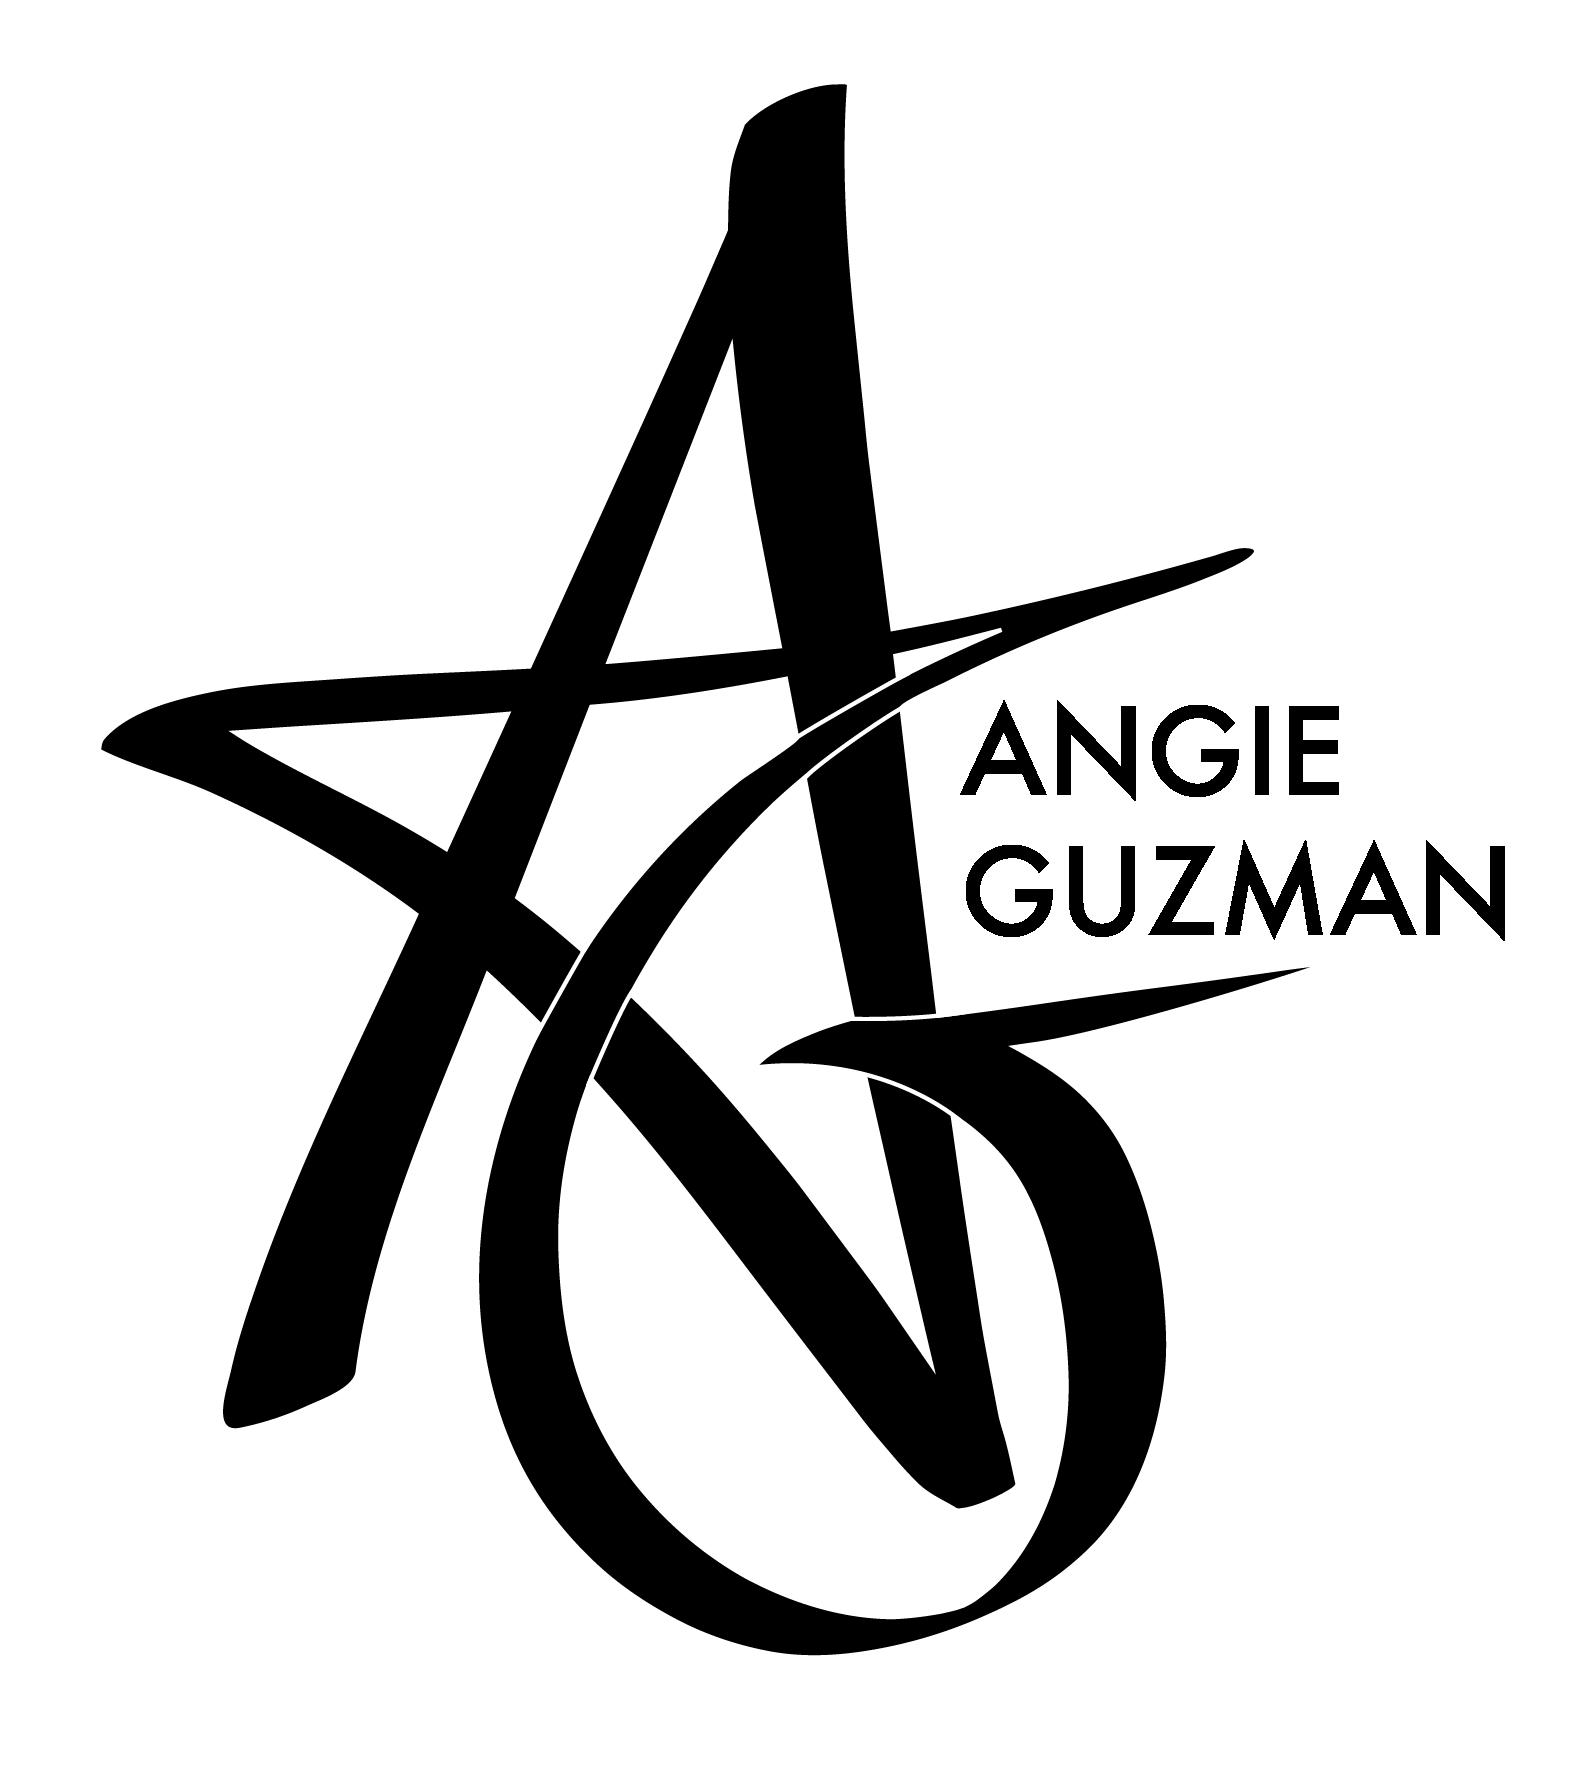 Angie Guzman